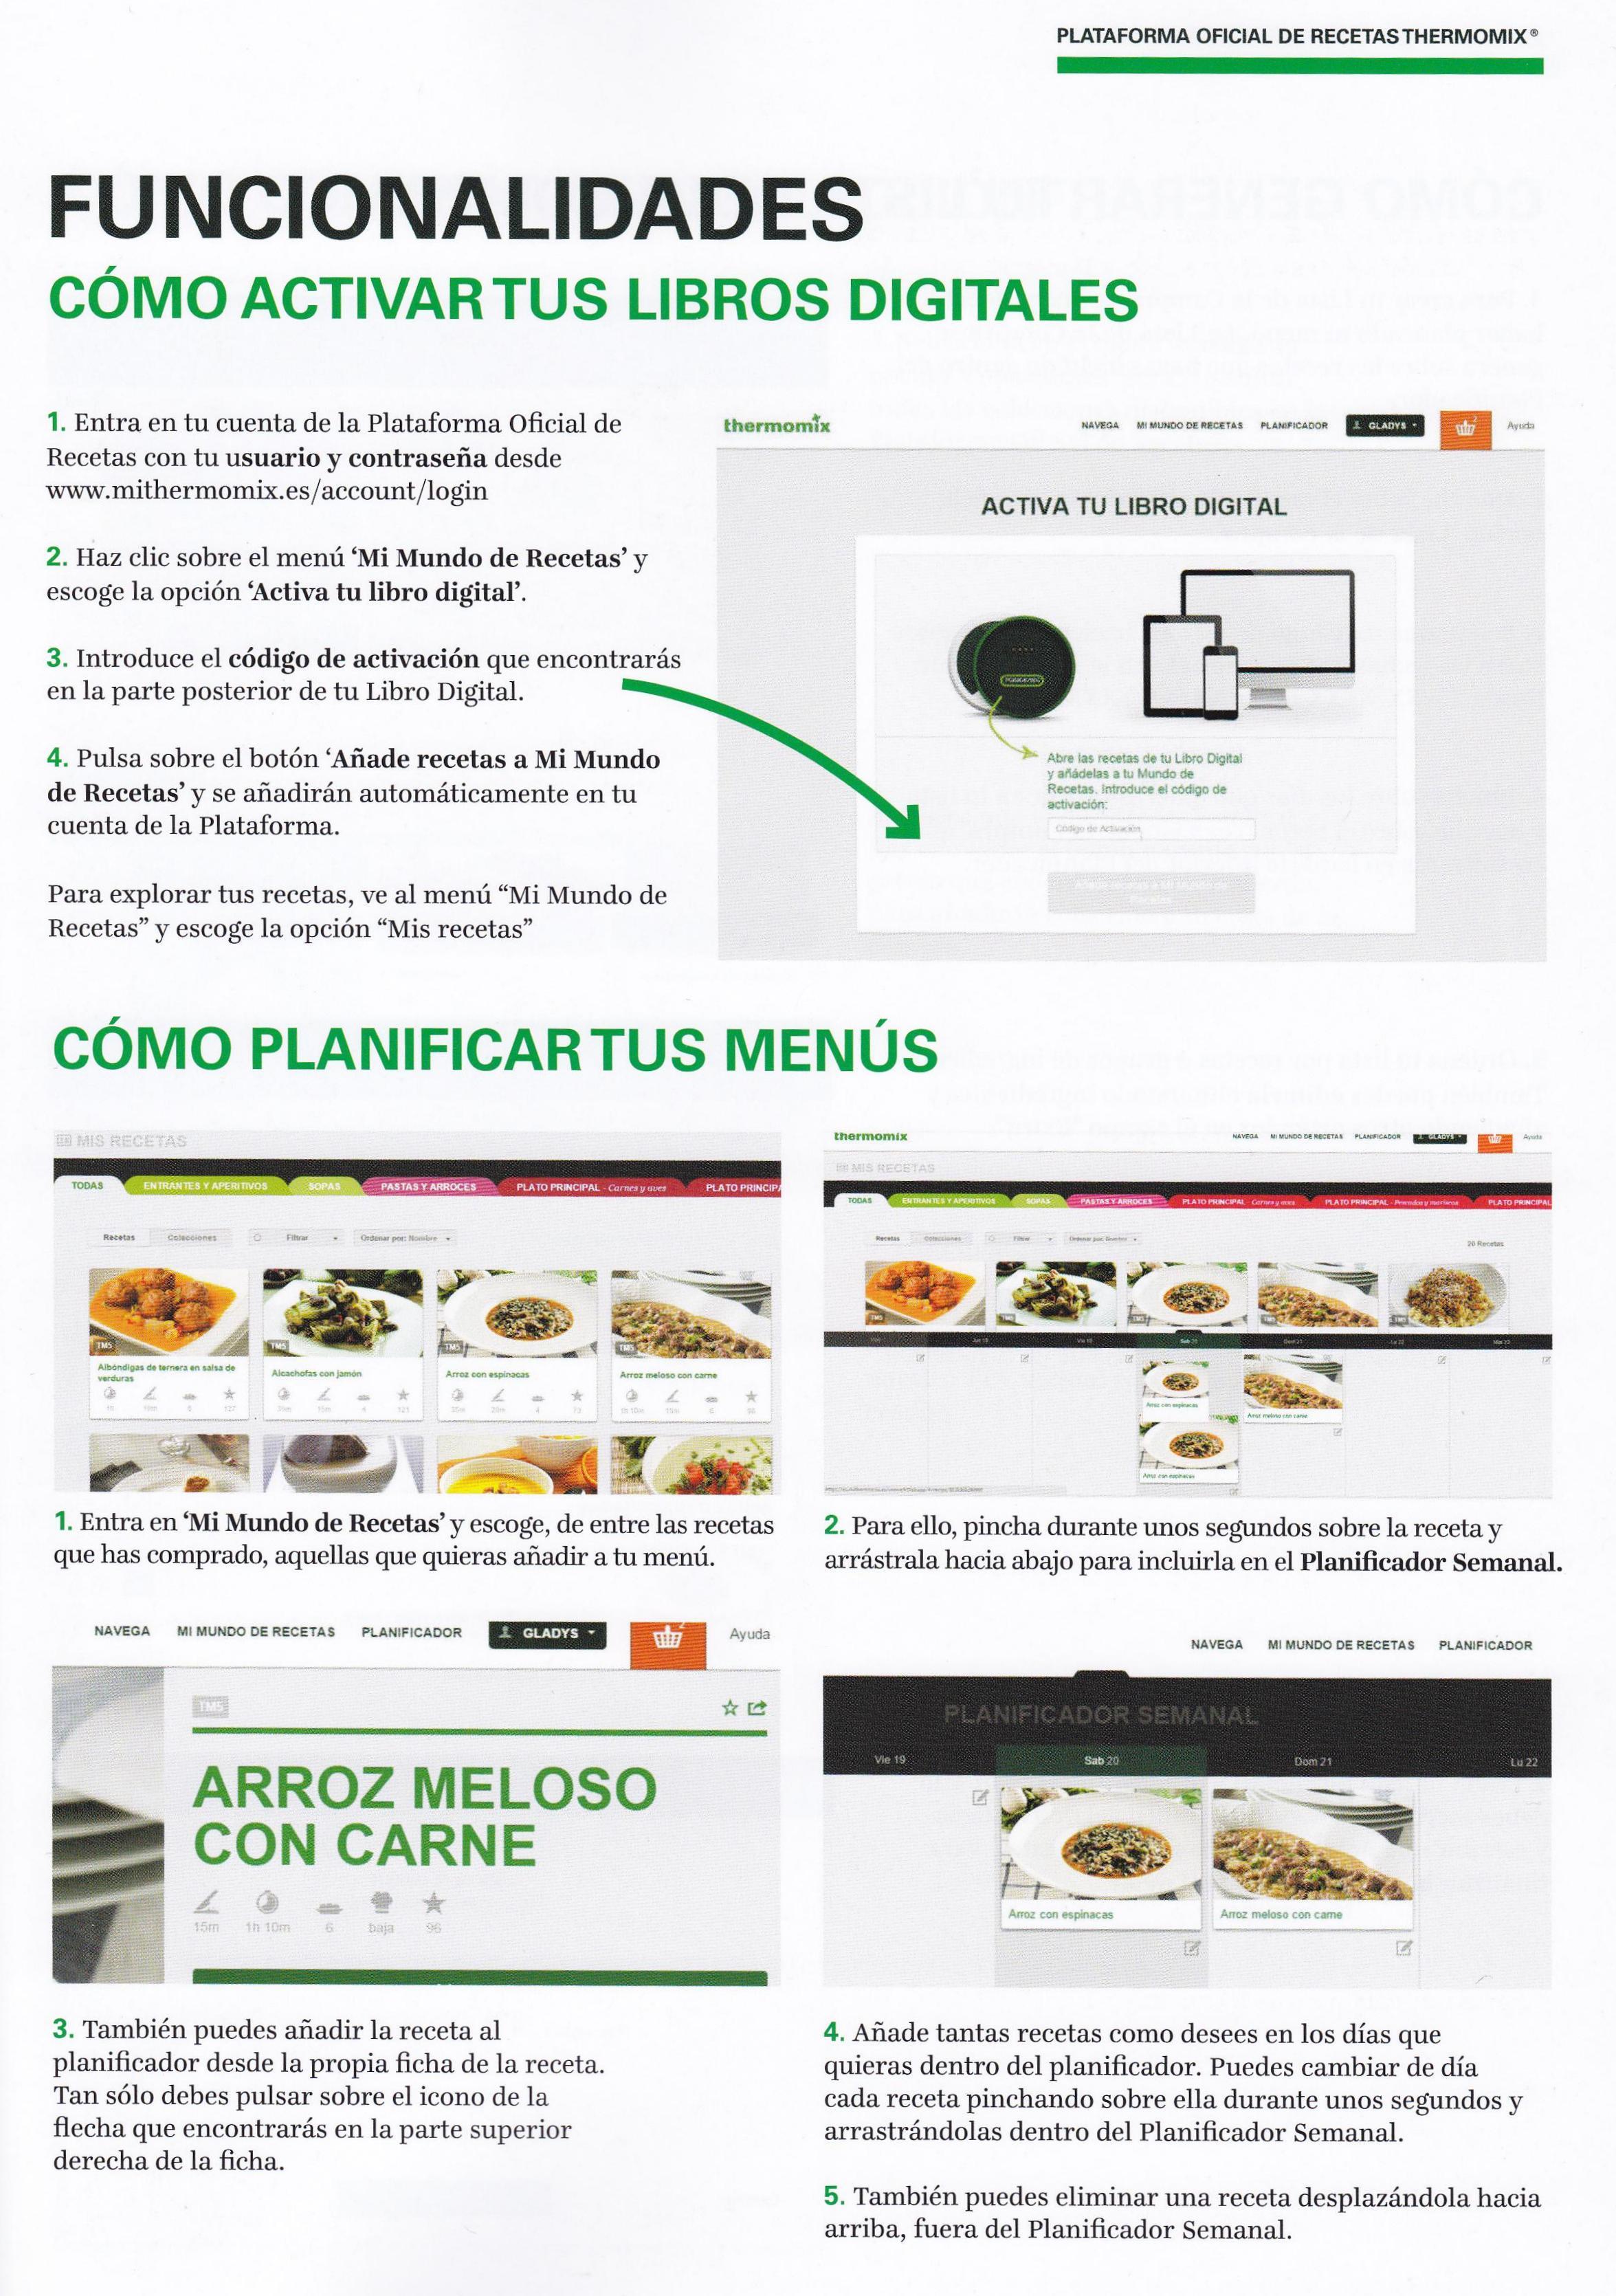 PLATAFORMA DE RECETAS - FUNCIONALIDADES